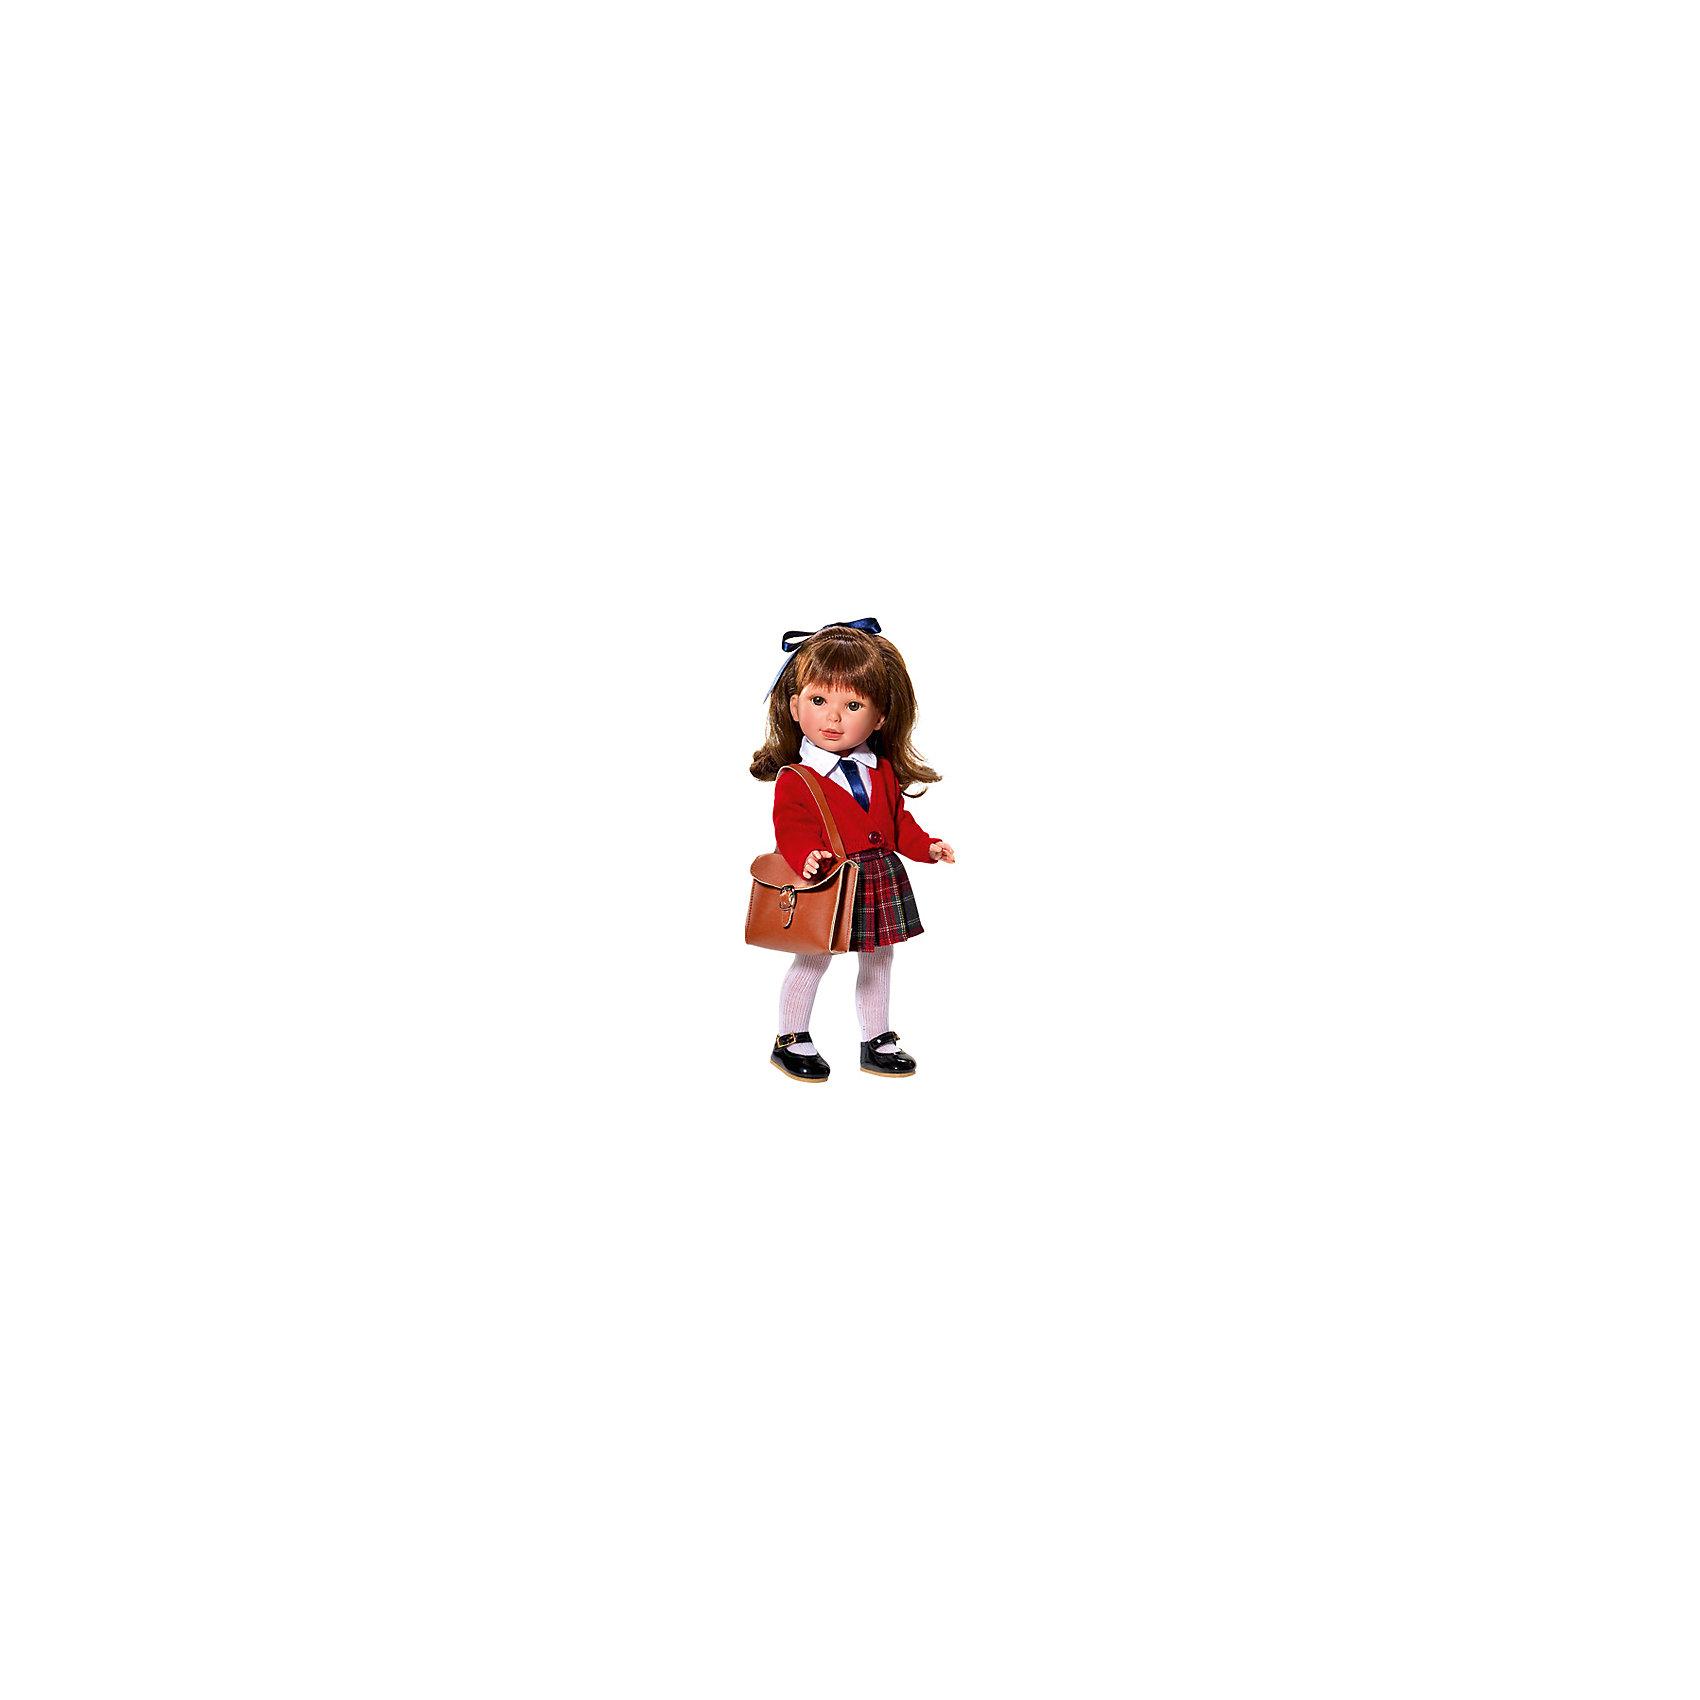 Кукла Vestida de Azul Паулина, брюнетка с челкой, волна, ШкольницаКлассические куклы<br><br><br>Ширина мм: 410<br>Глубина мм: 110<br>Высота мм: 220<br>Вес г: 700<br>Возраст от месяцев: 36<br>Возраст до месяцев: 2147483647<br>Пол: Женский<br>Возраст: Детский<br>SKU: 7073751